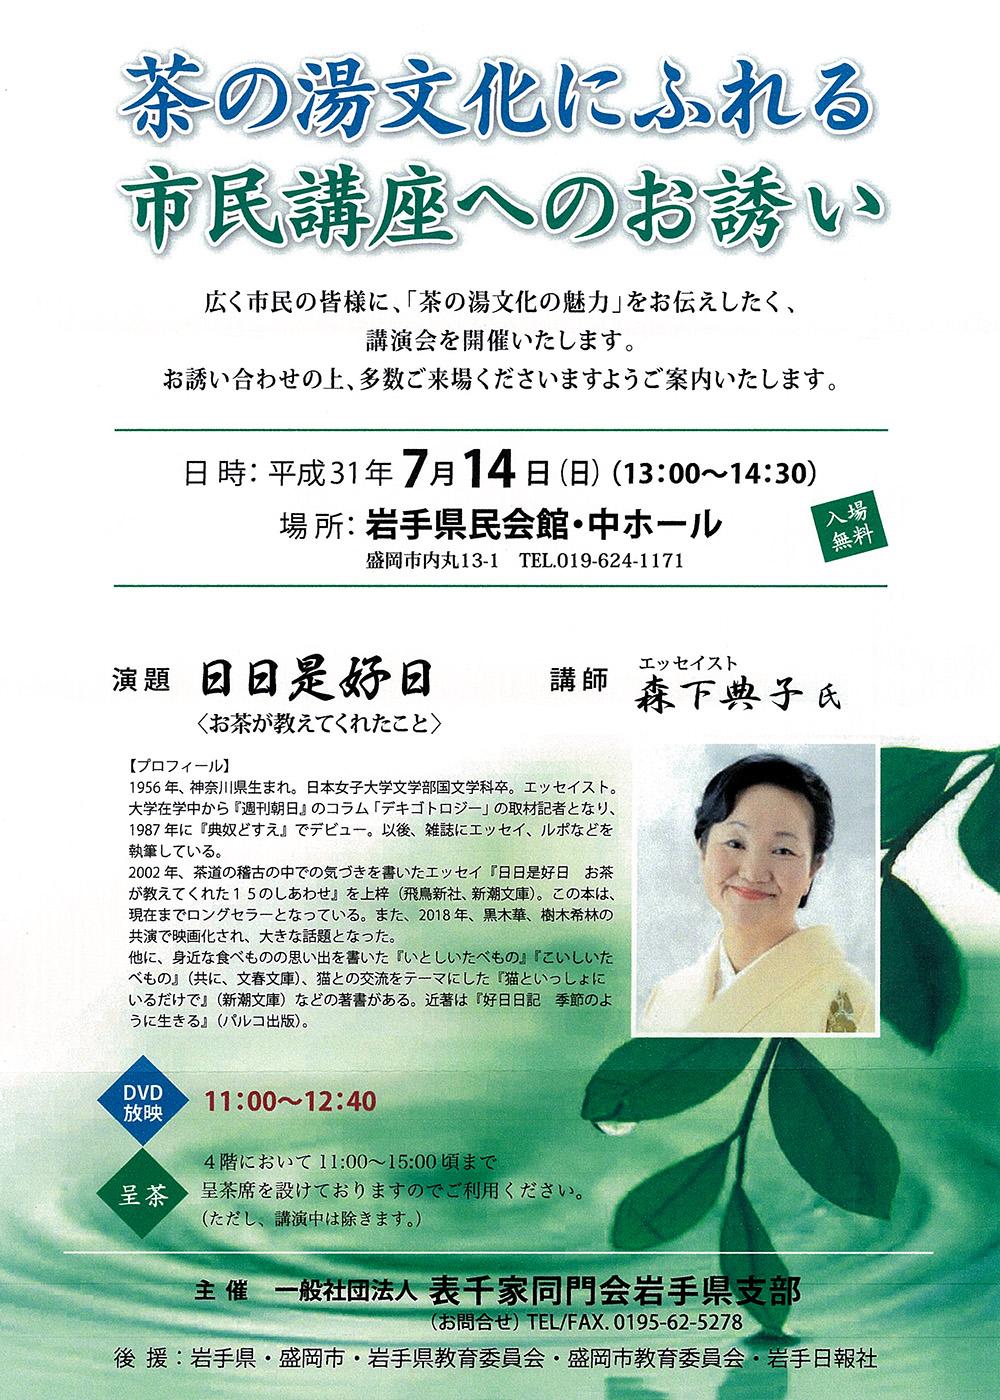 茶の湯文化にふれる市民講座へのお誘い【講師:森下典子(日日是好日)】